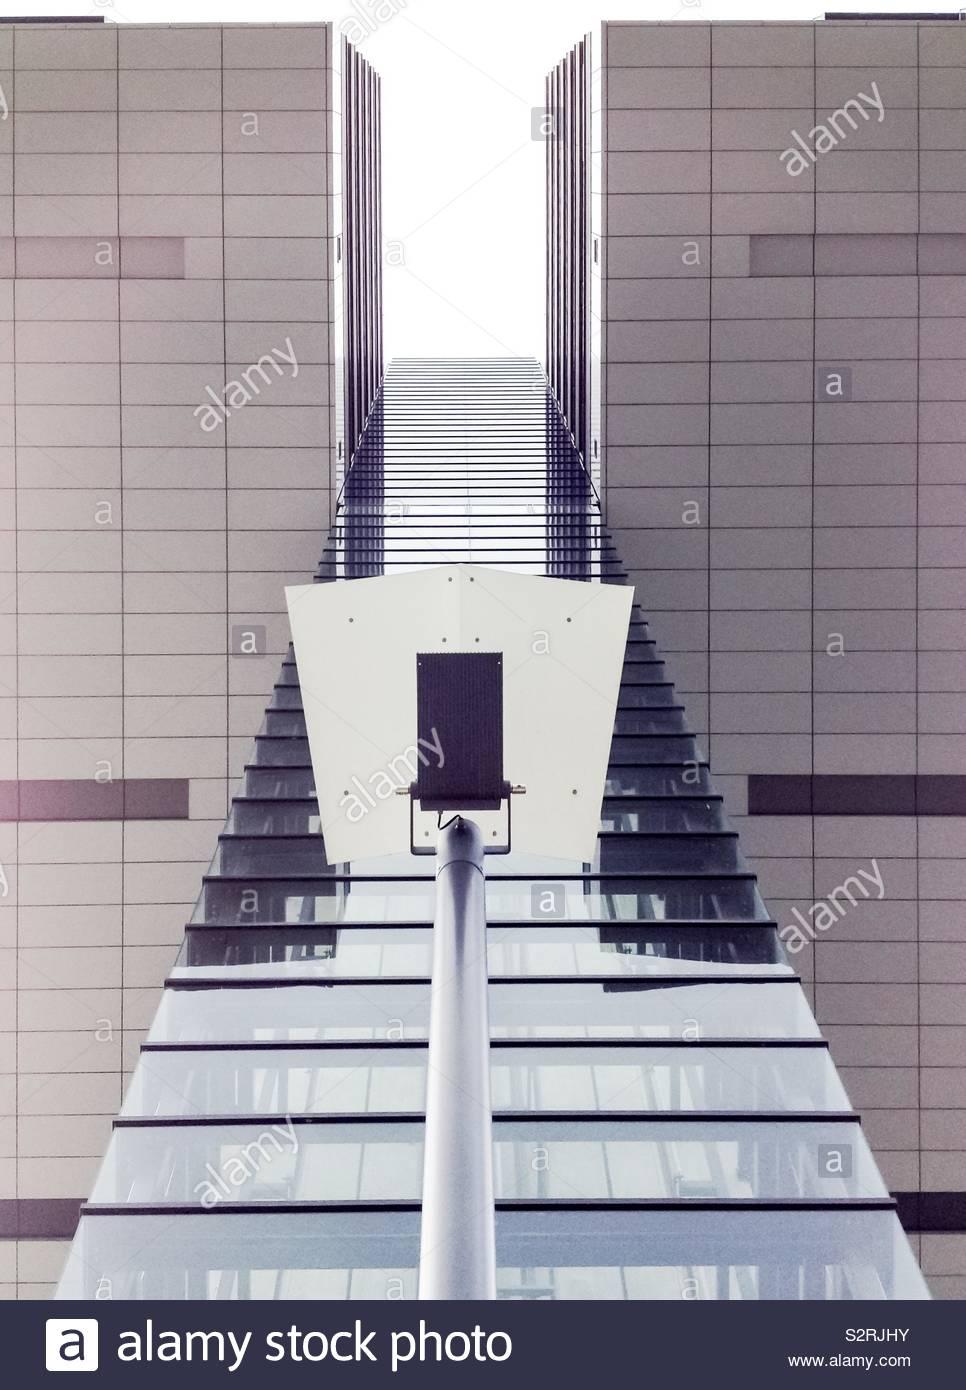 Edificio Crane en Colonia, Alemania Foto de stock